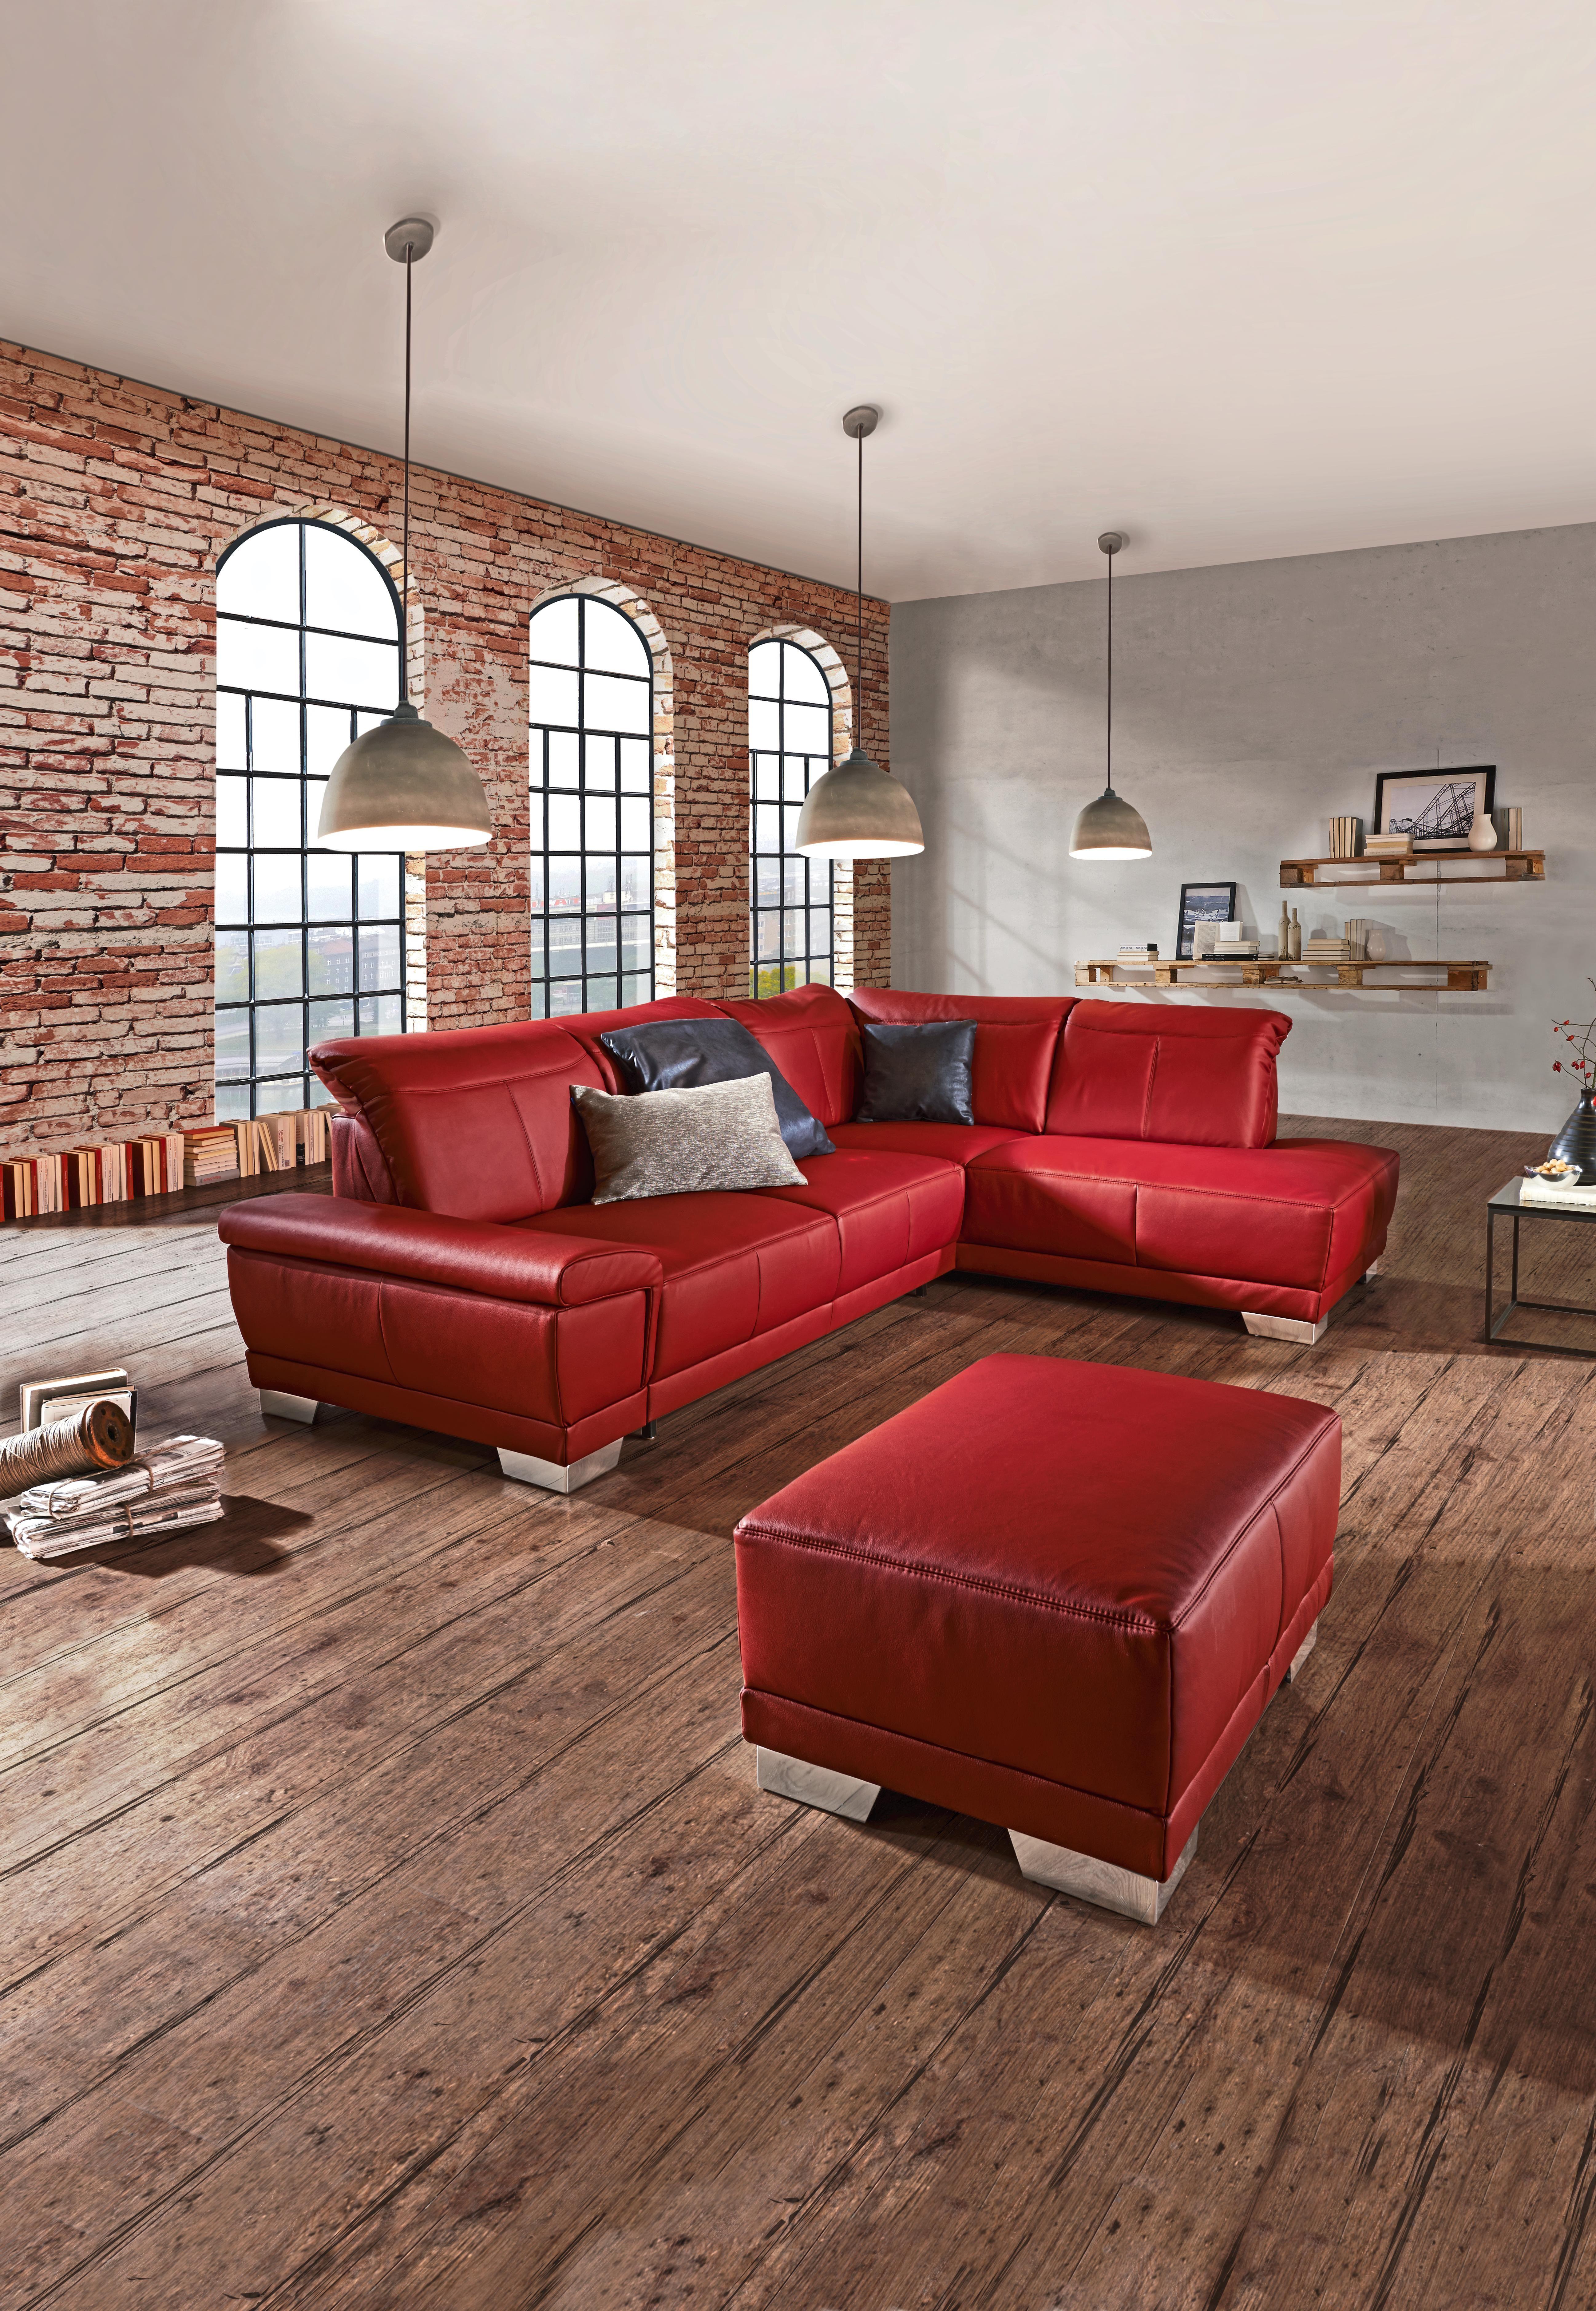 Die Stilvolle Wohnlandschaft Von Xora In Knalligem Rot Wird Der Neue